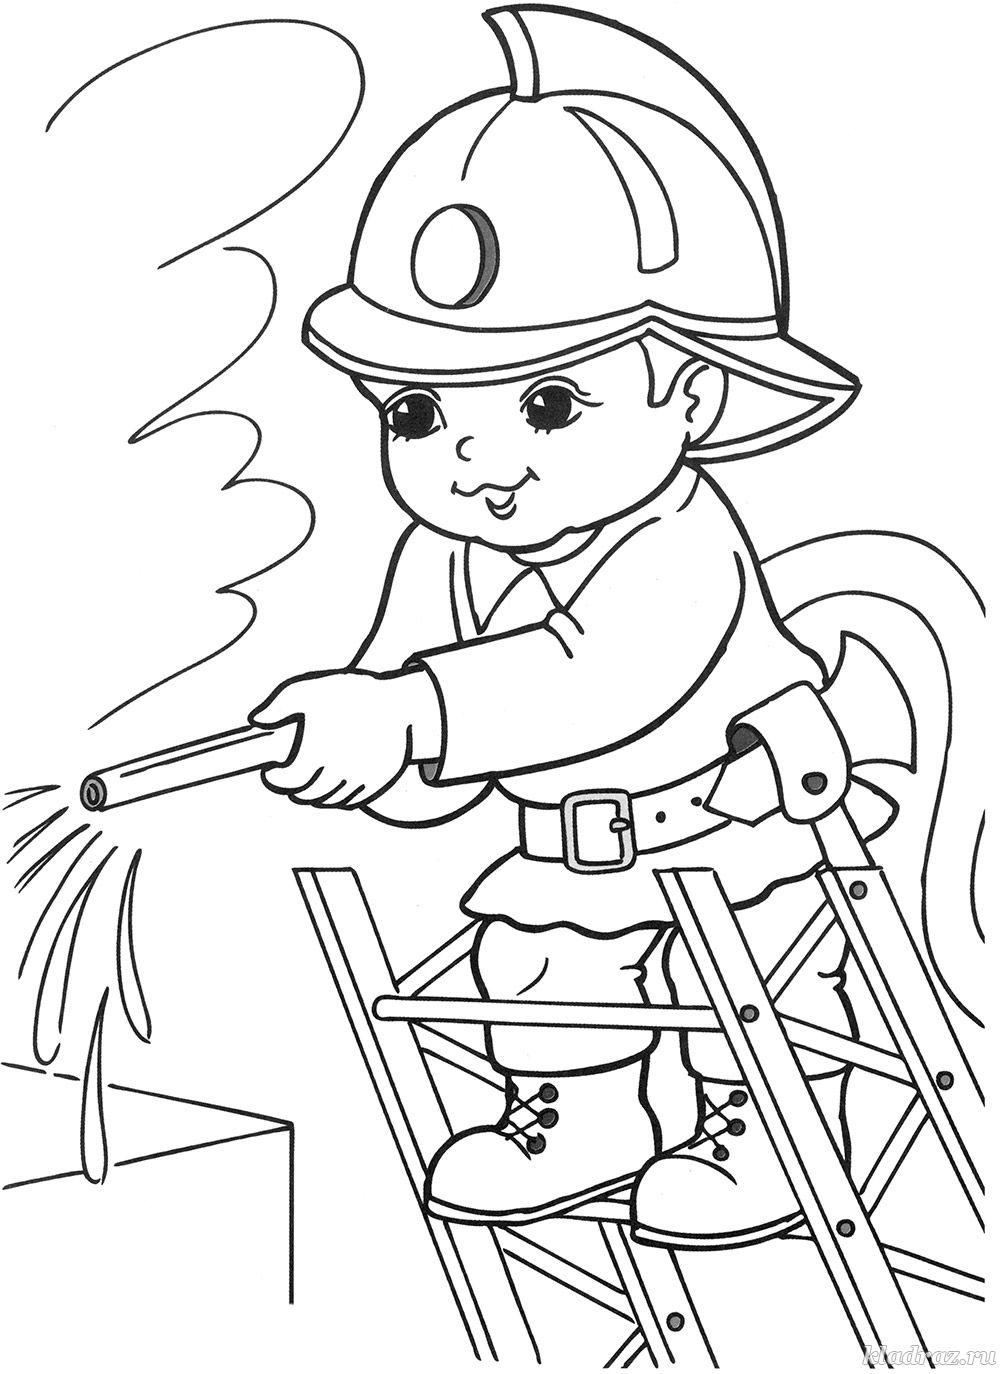 Раскраска для детей 5-7 лет. Профессия пожарный